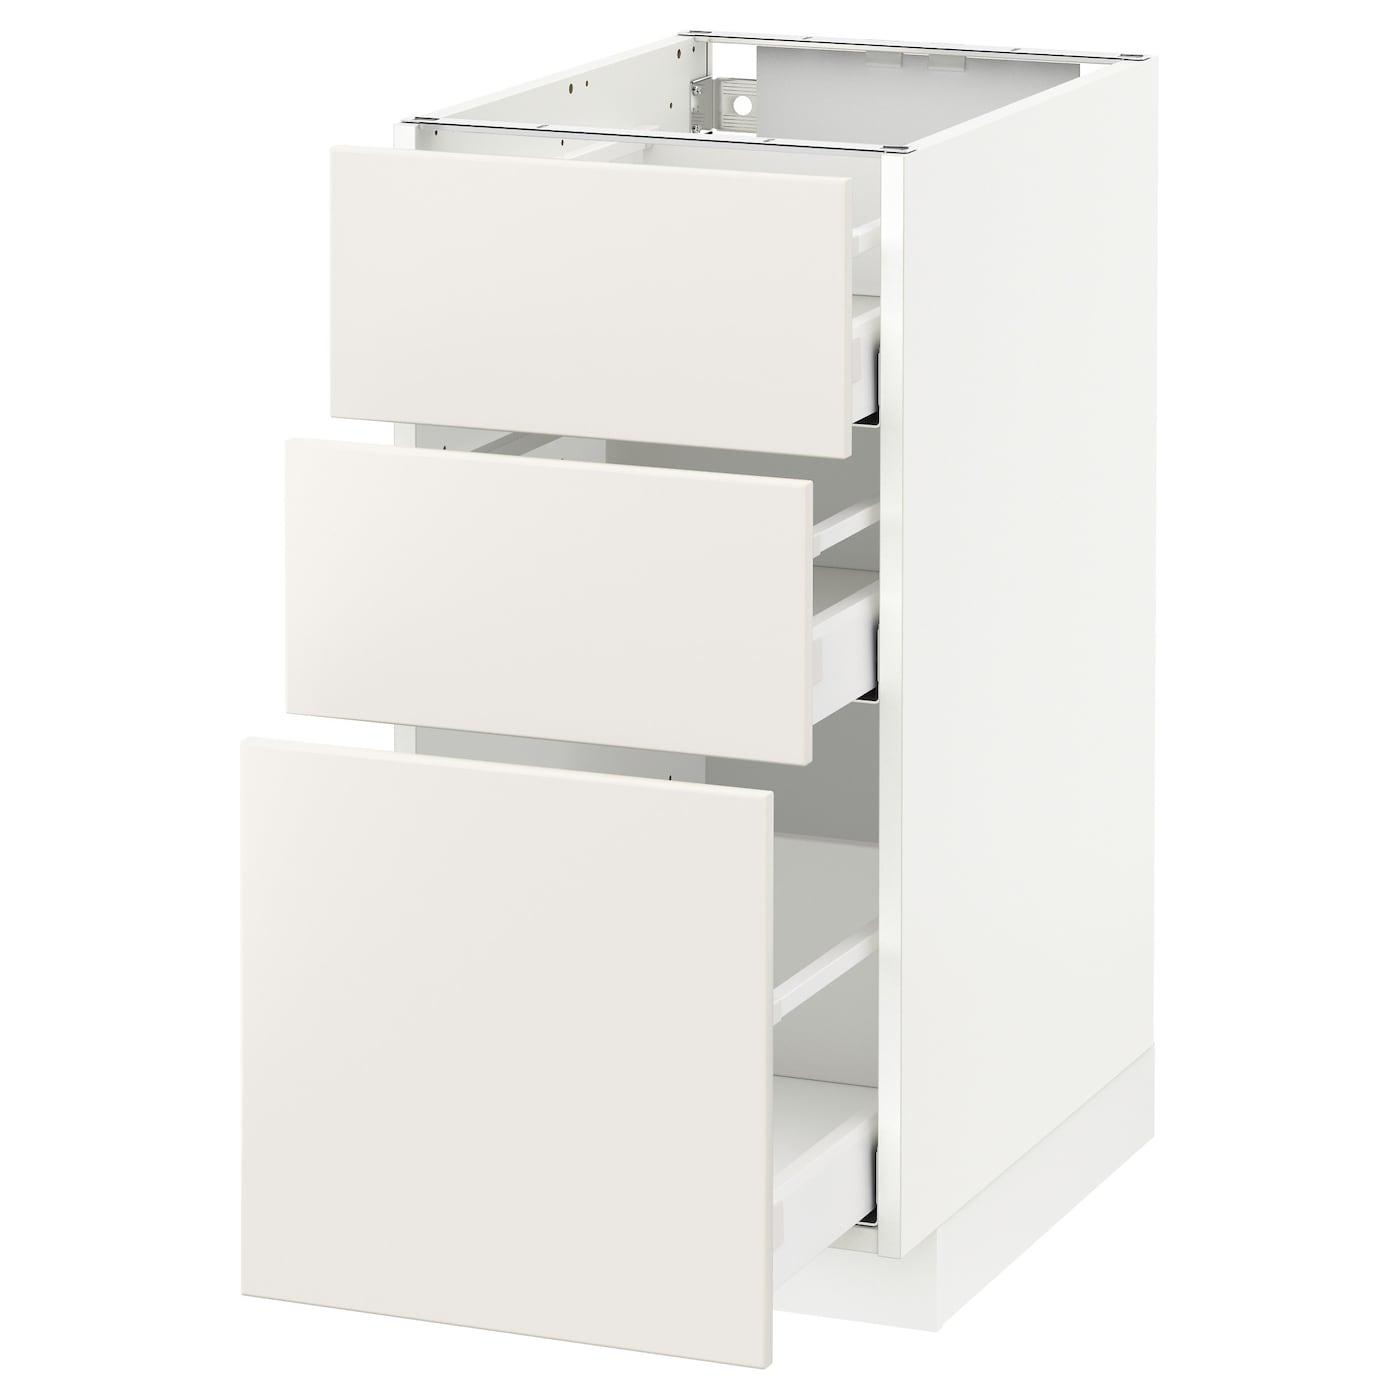 Metod / Maximera Élément Bas 3 Tiroirs - Blanc/Veddinge Blanc 40X60 Cm tout Meuble Bas Cuisine 50 Cm Largeur Ikea